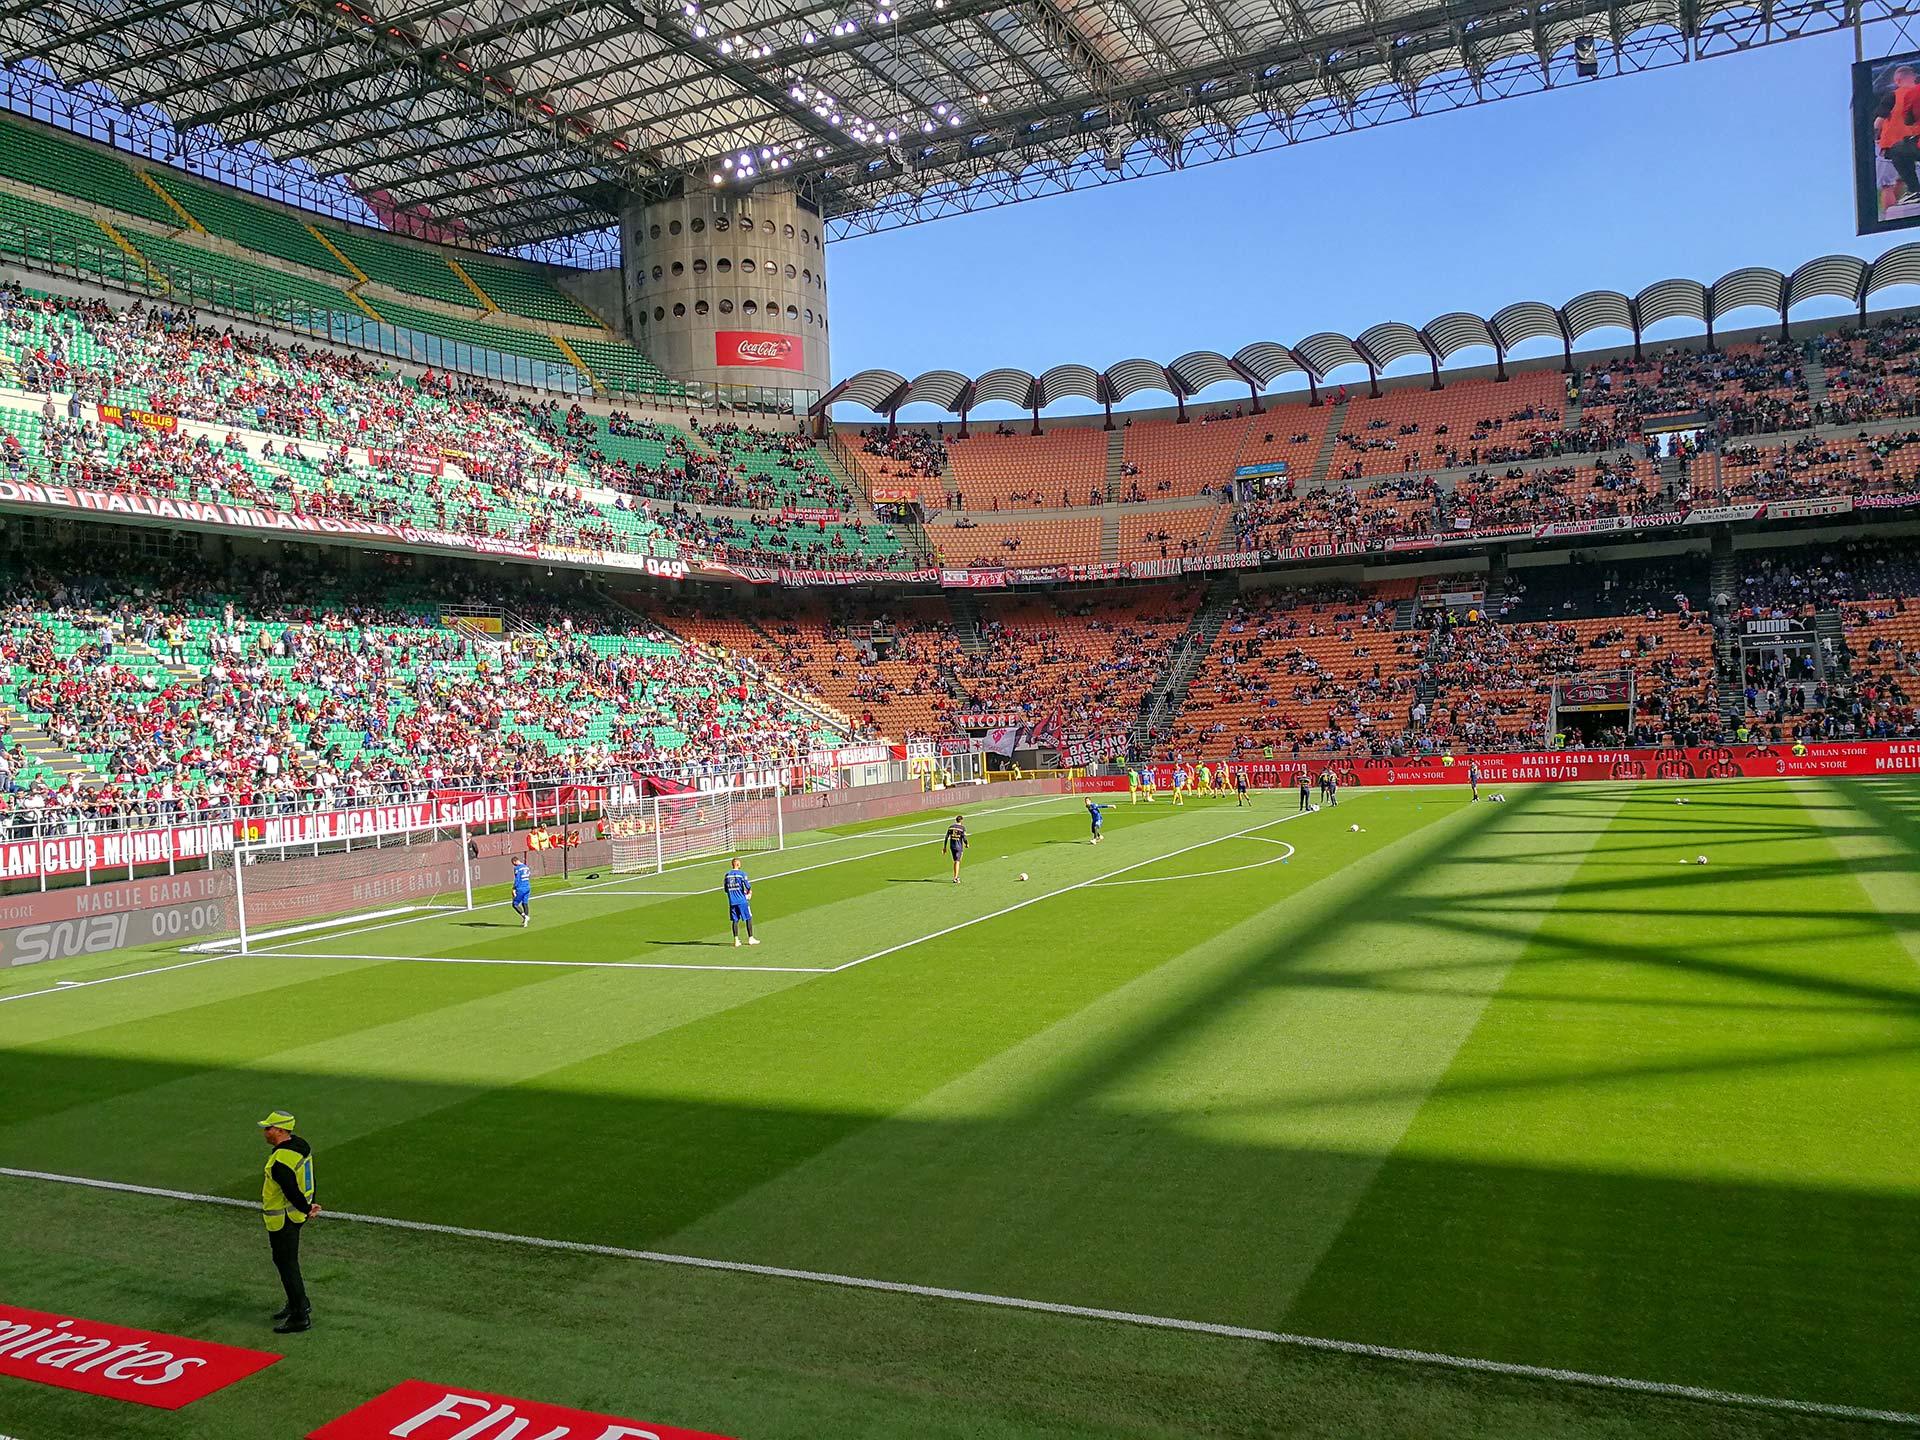 Fußballspiel AC Mailand